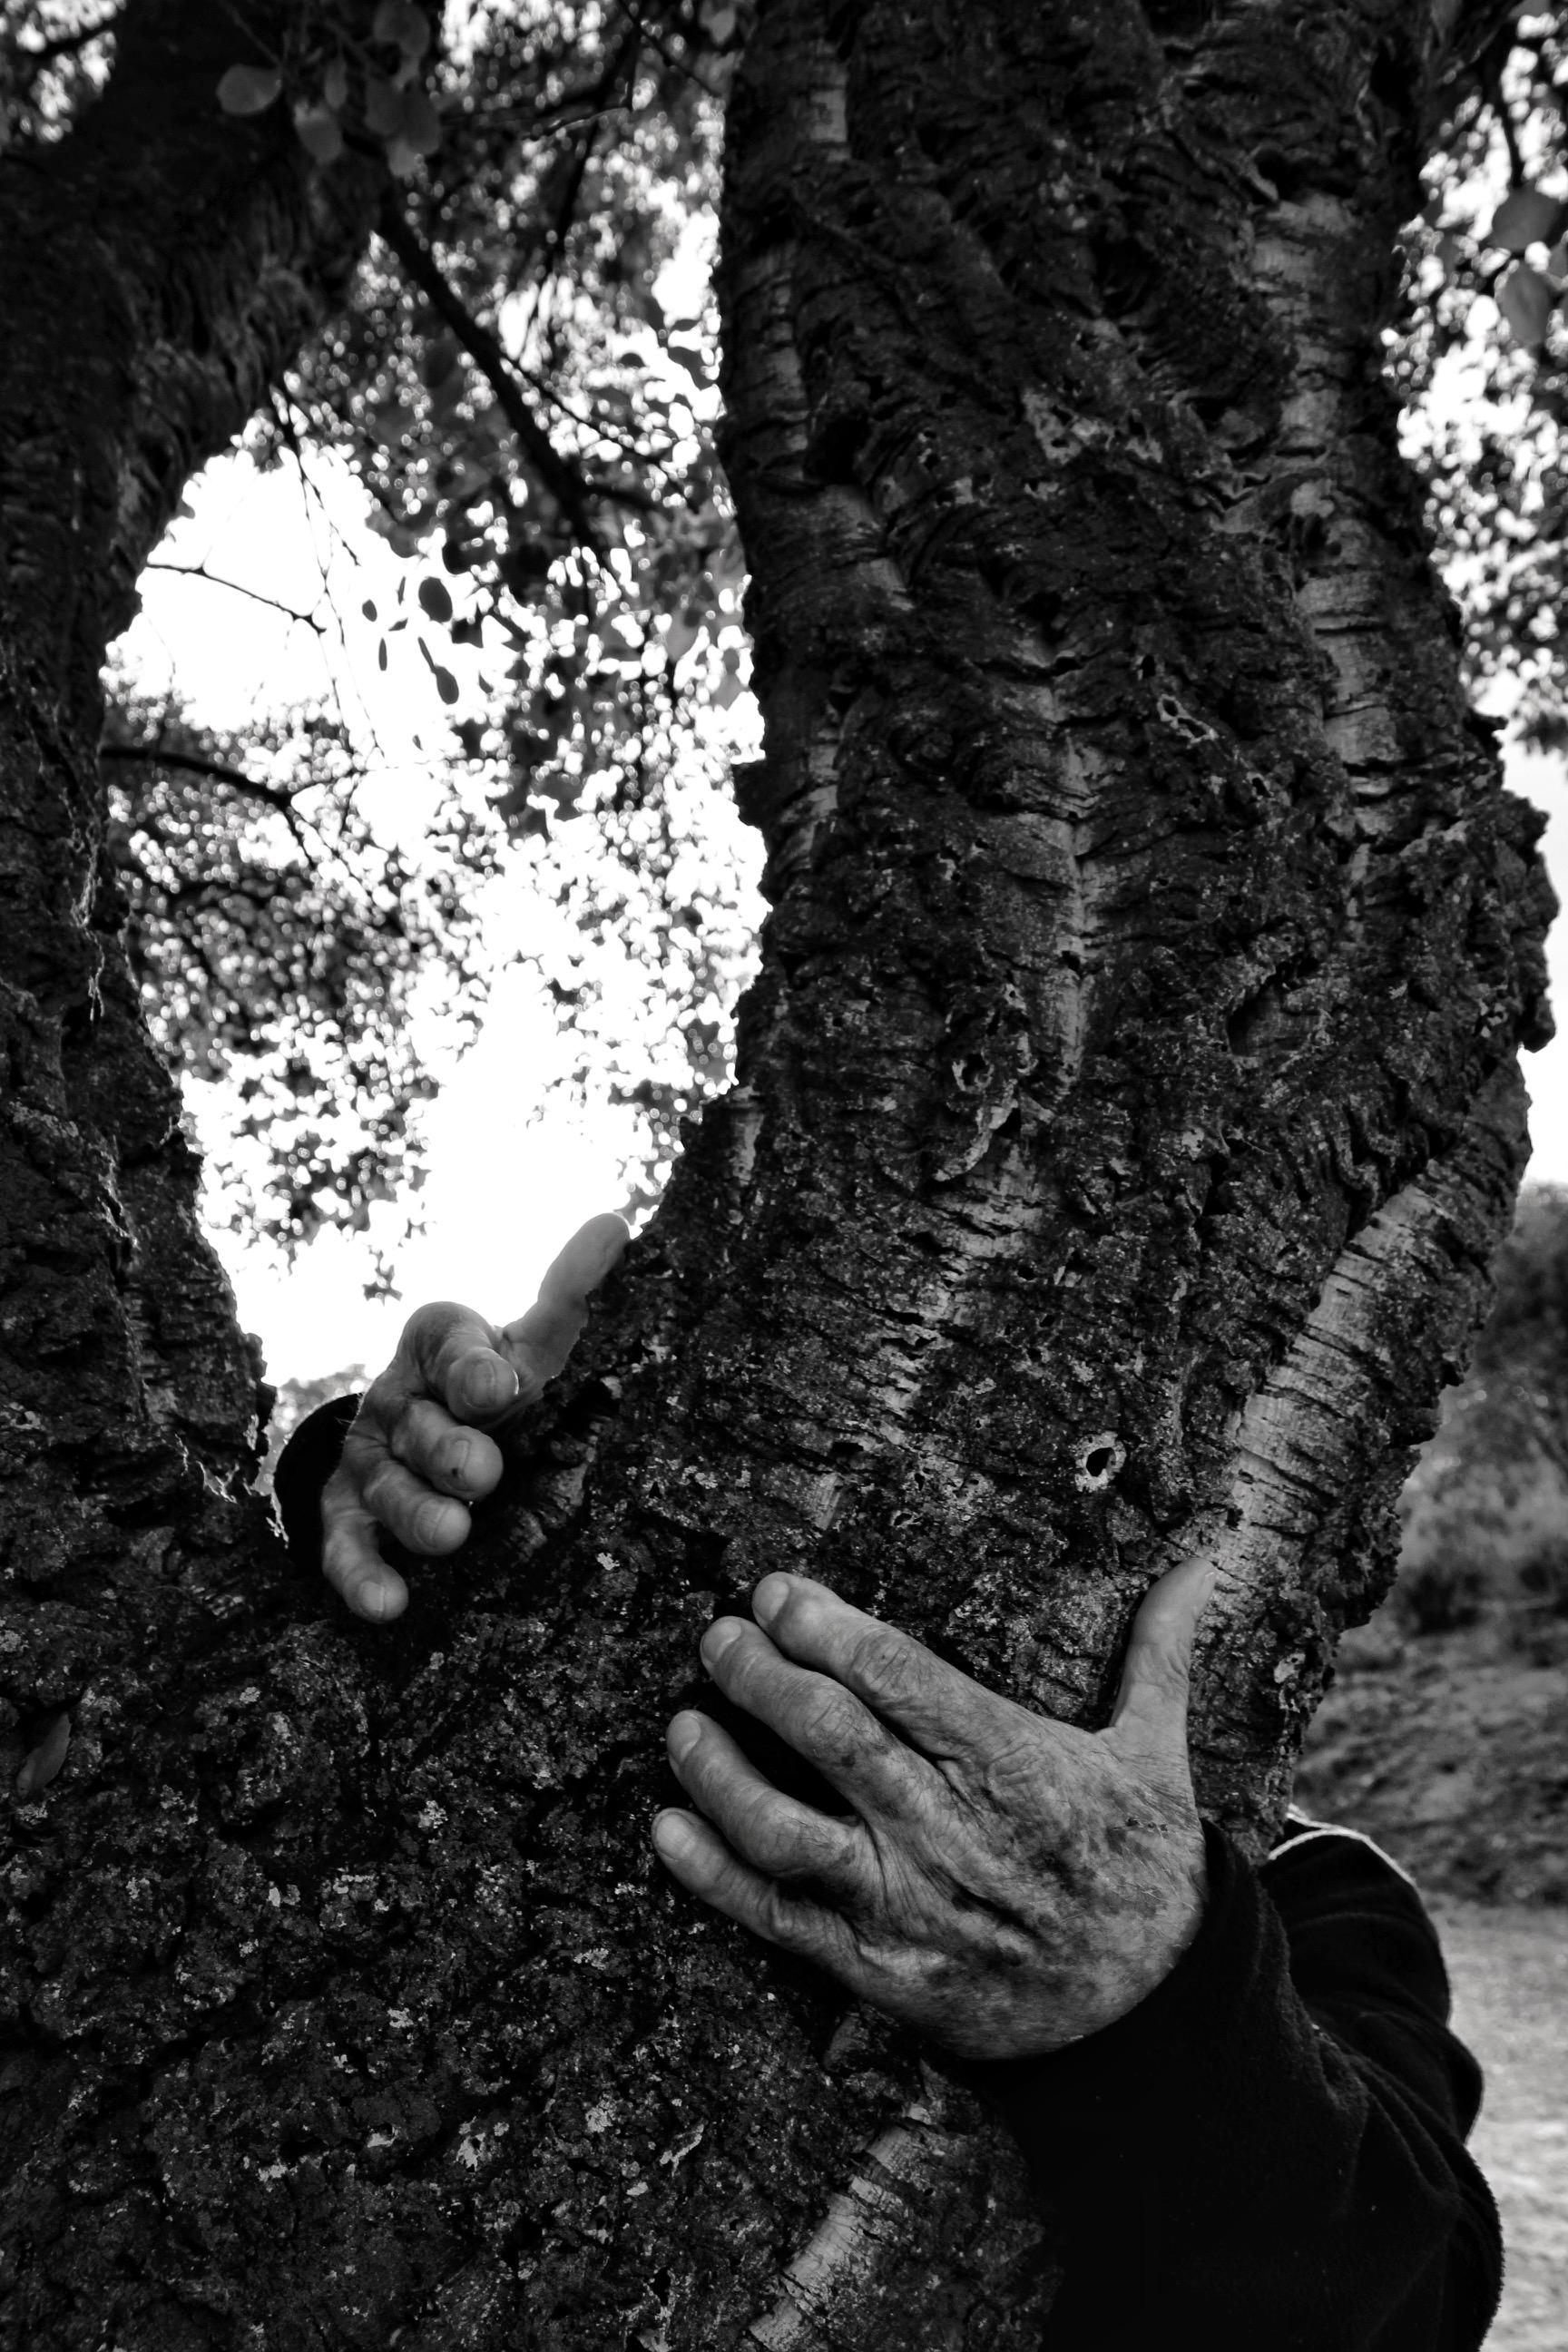 a grasse on aime faire des câlins aux arbres ! vive la sylvothérapie